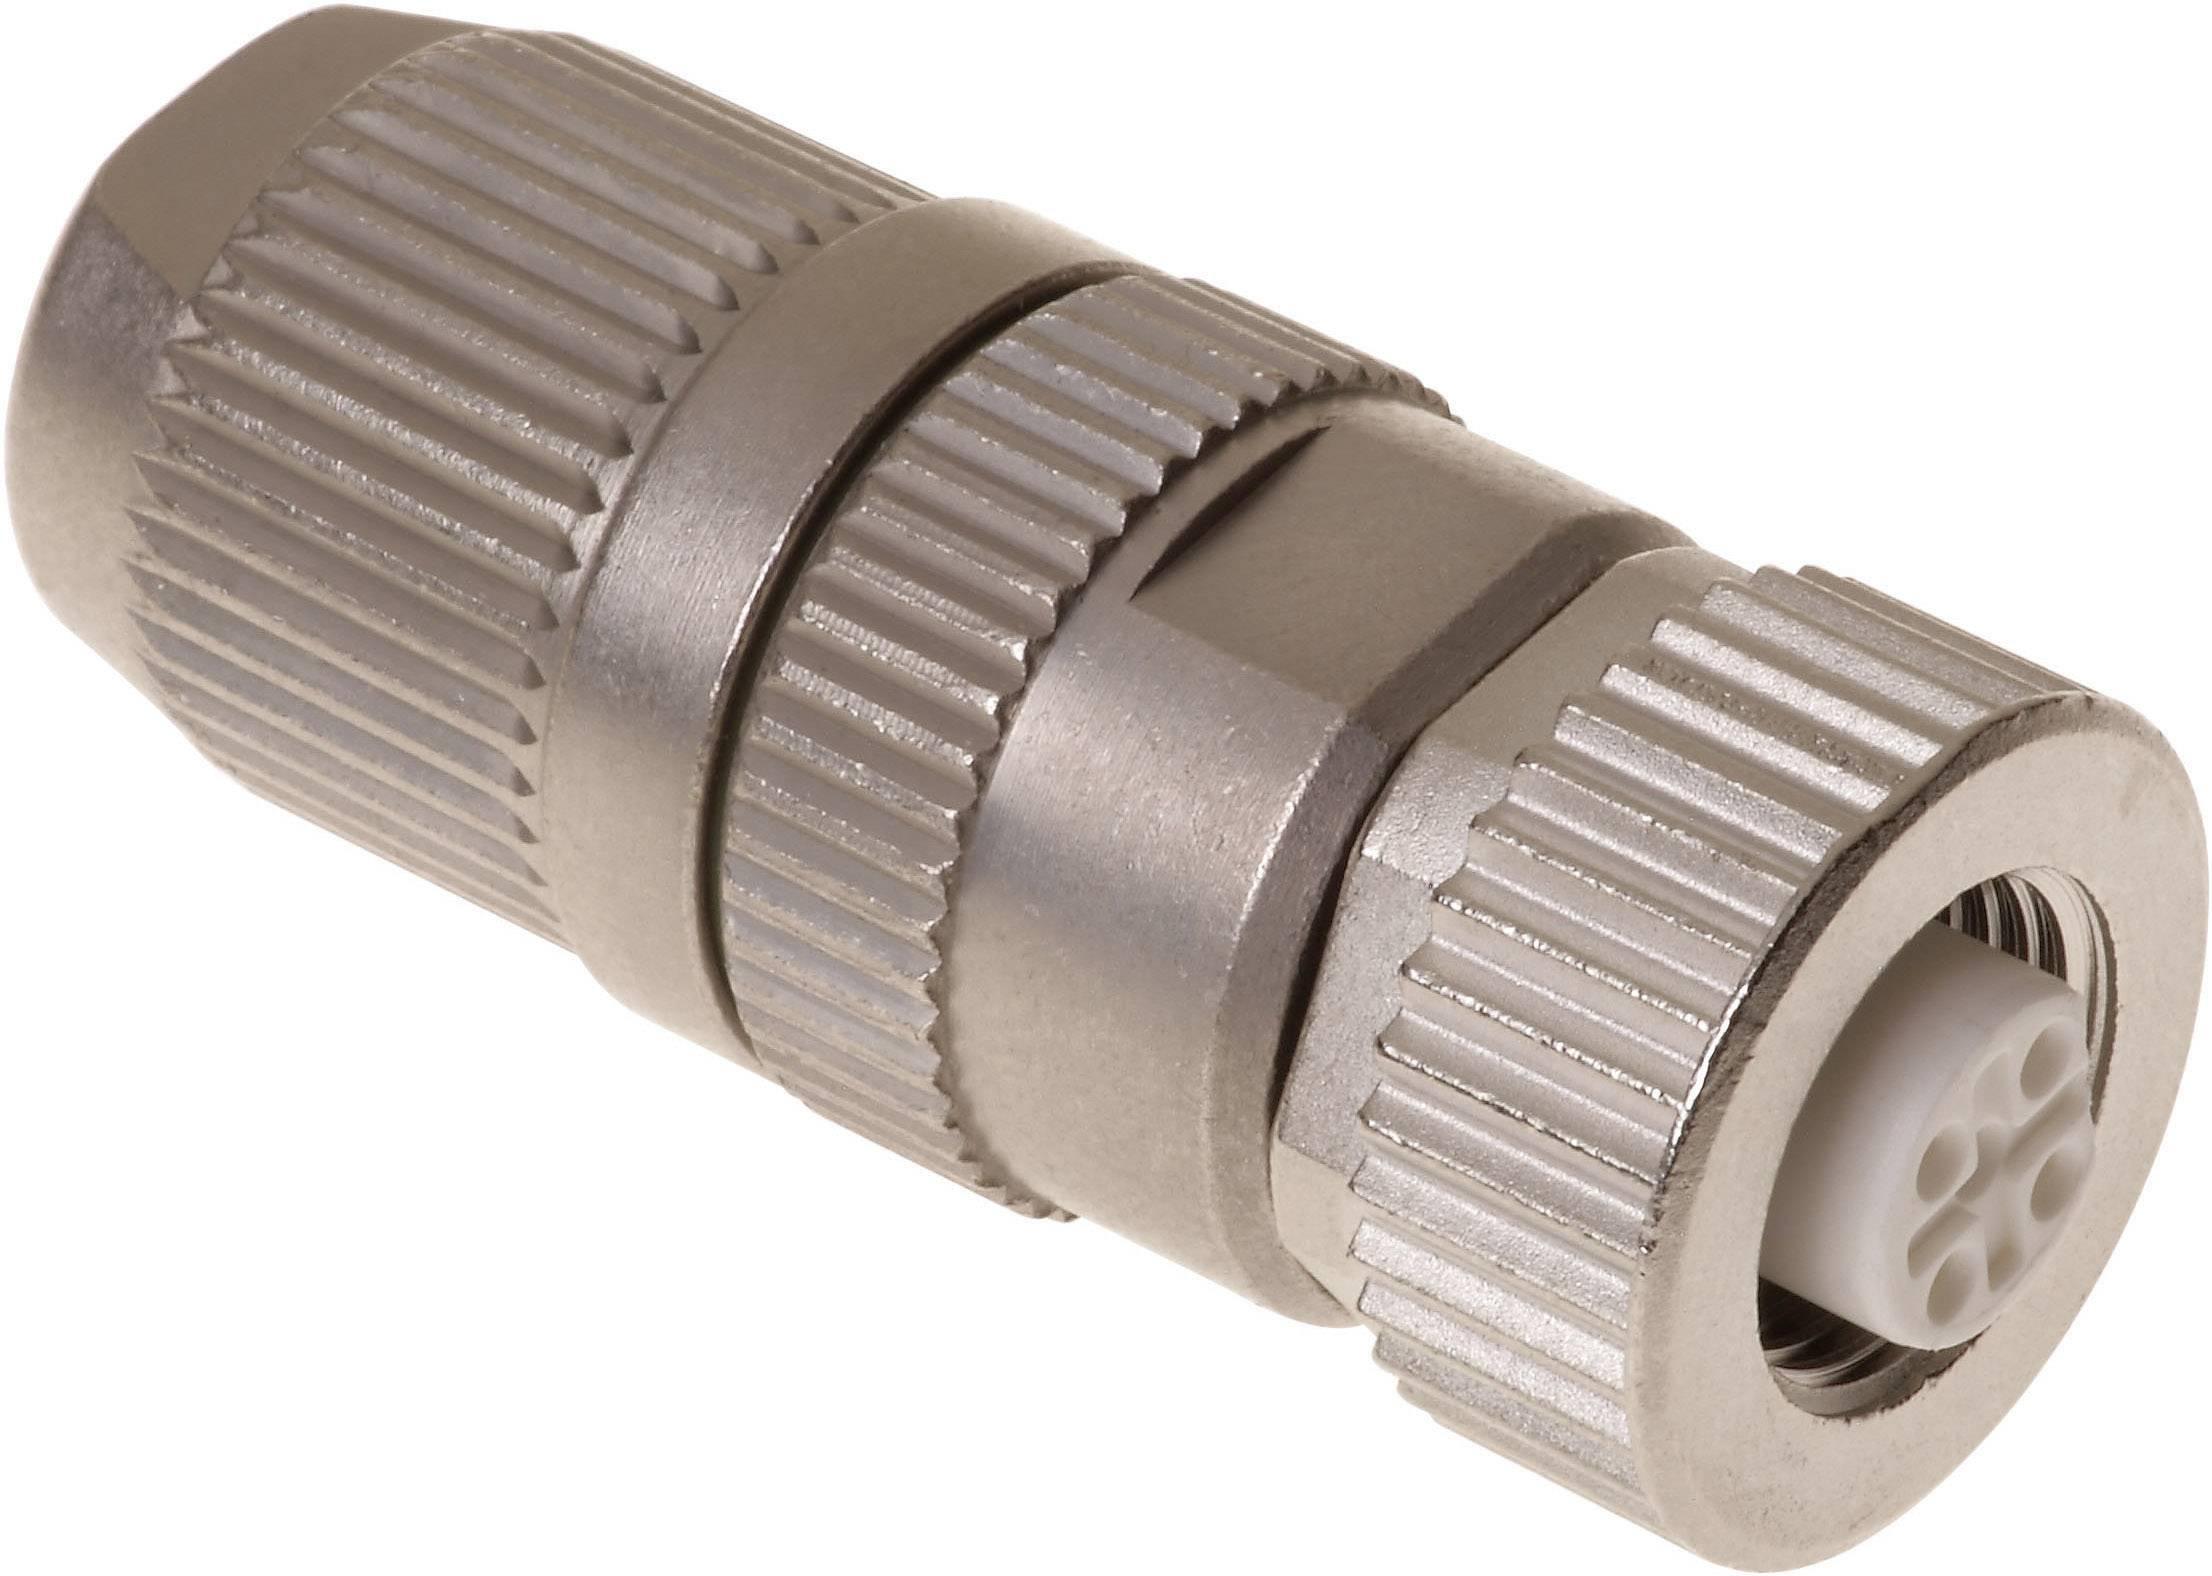 Dátový zástrčkový konektor pre senzory - aktory Harting 21 03 241 2301 21 03 241 2301, 1 ks